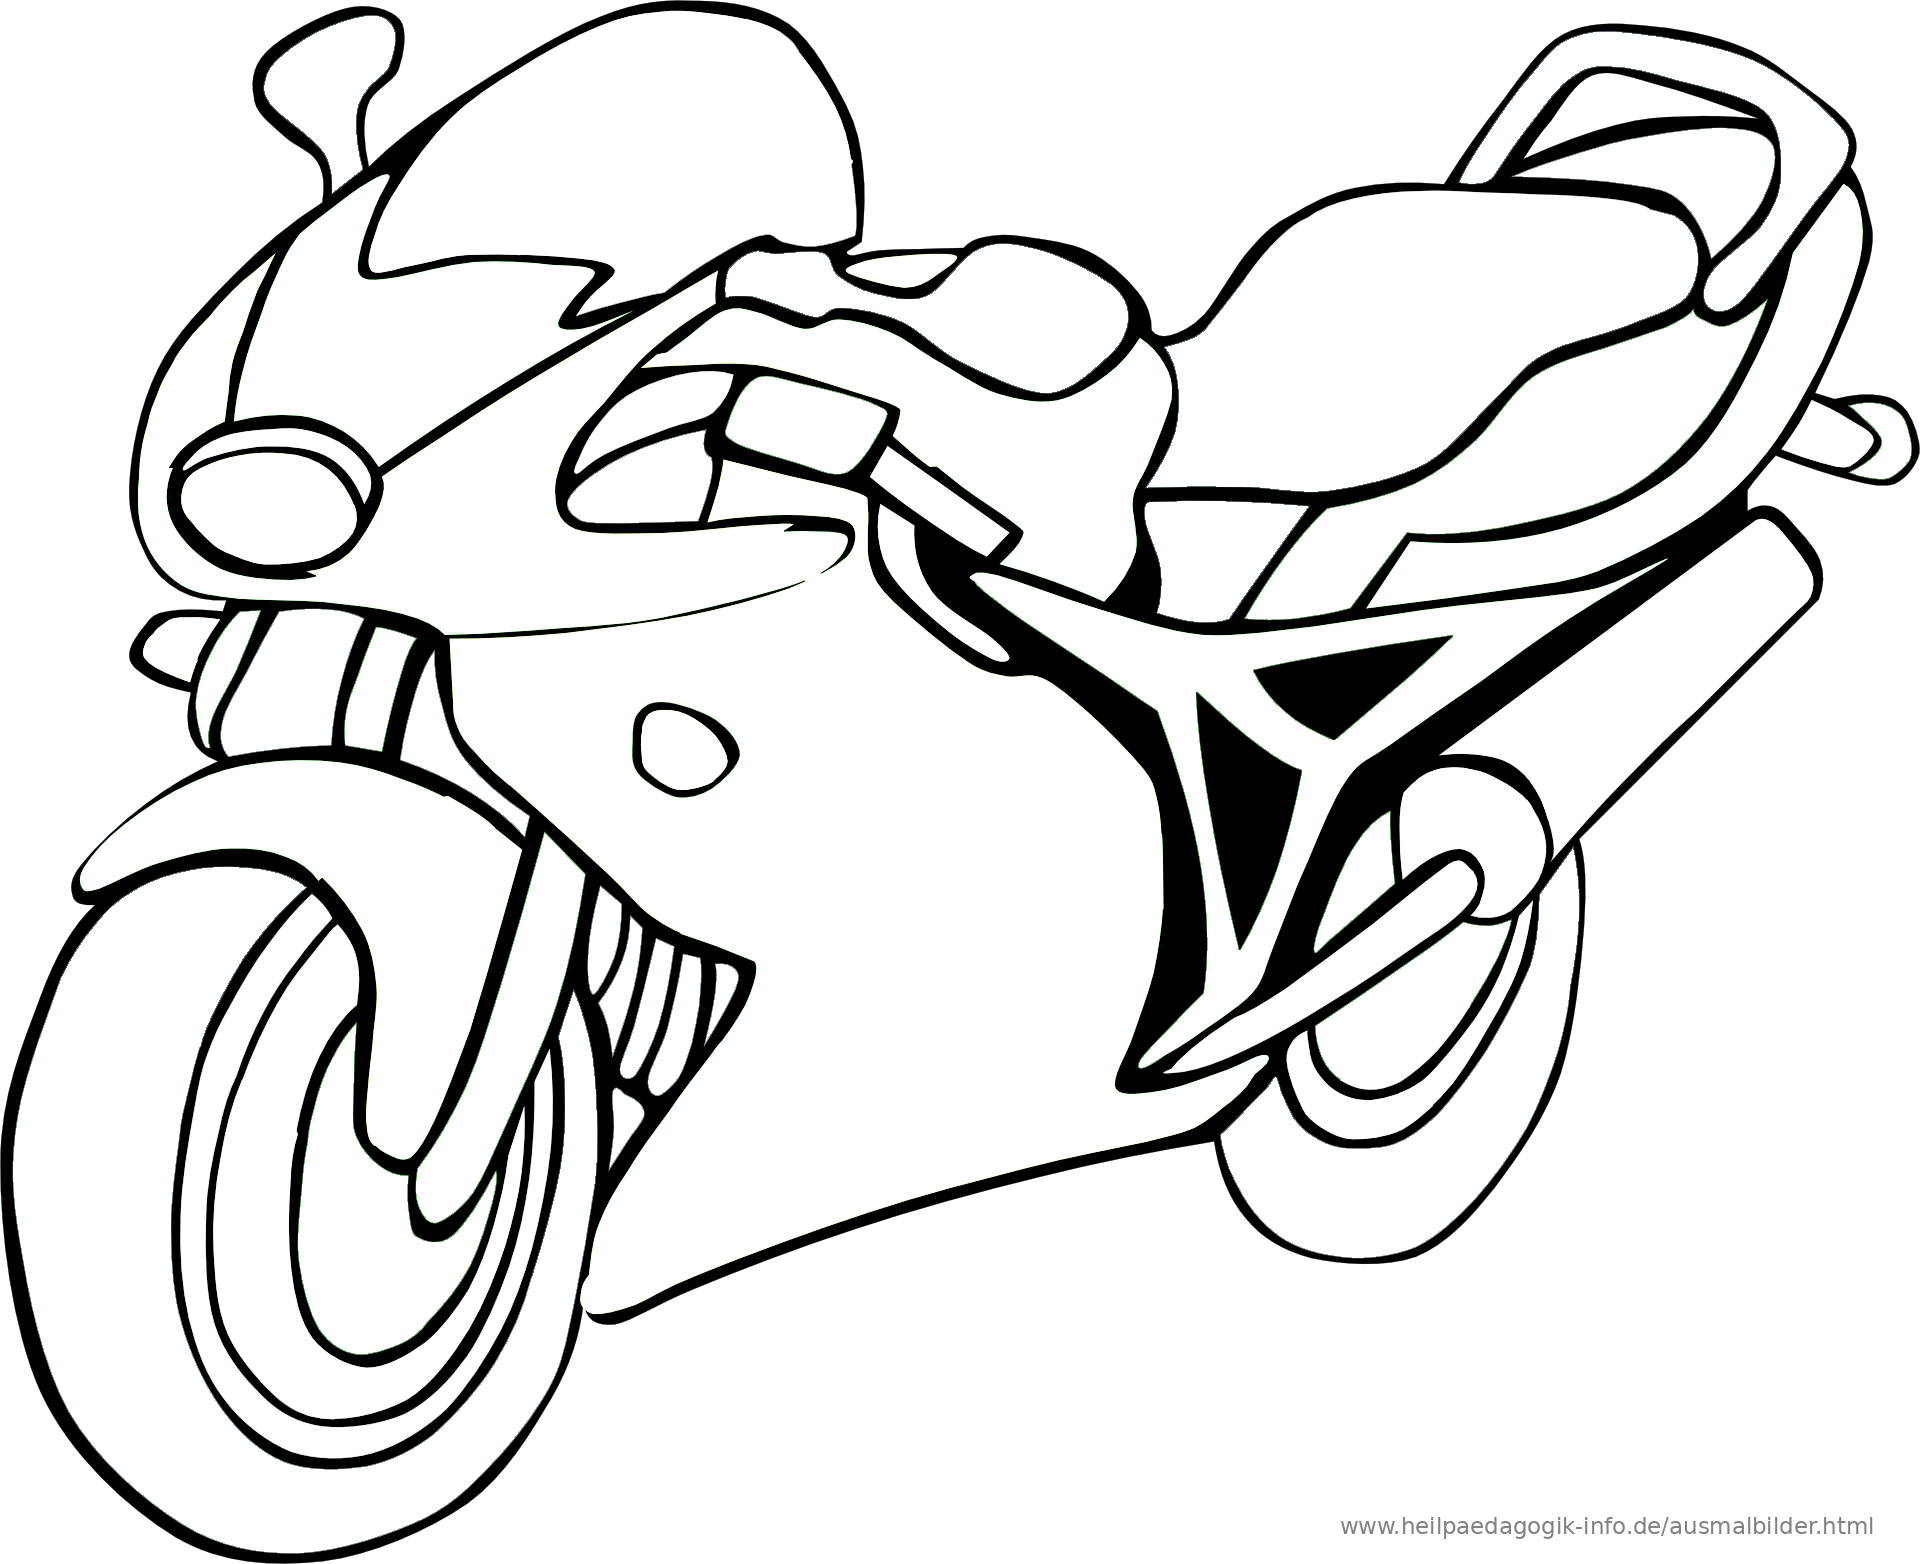 Ausmalbilder Fahrräder und Motorräder